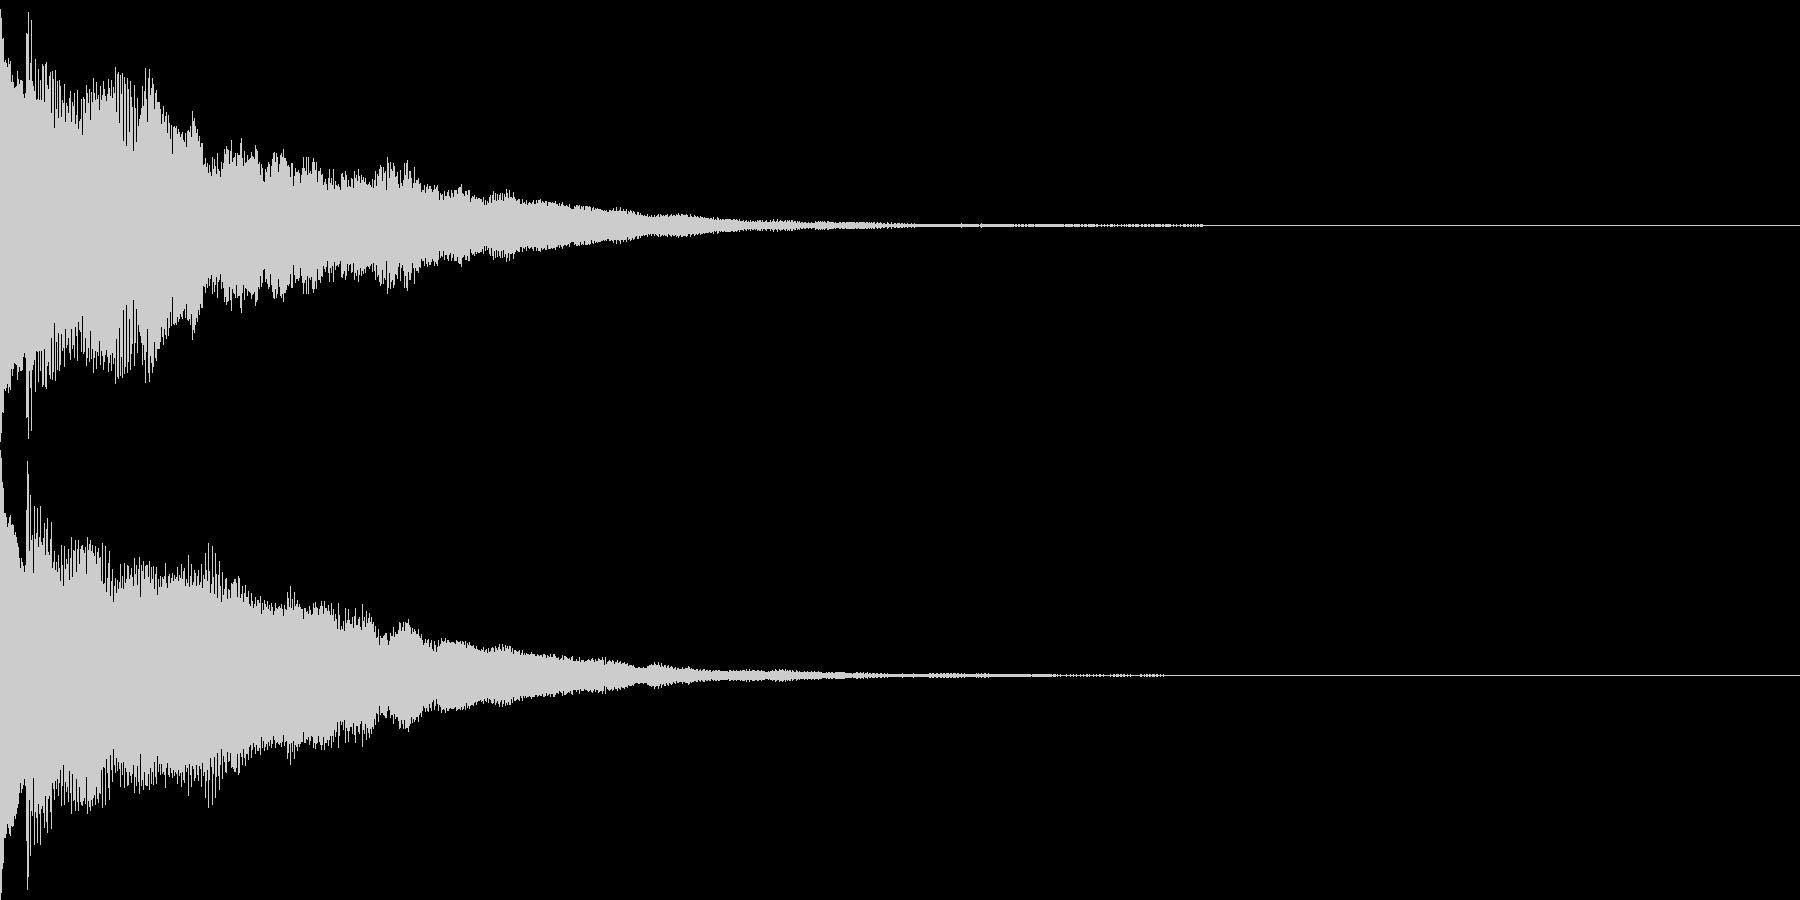 キャンセル音08(シンセP)の未再生の波形